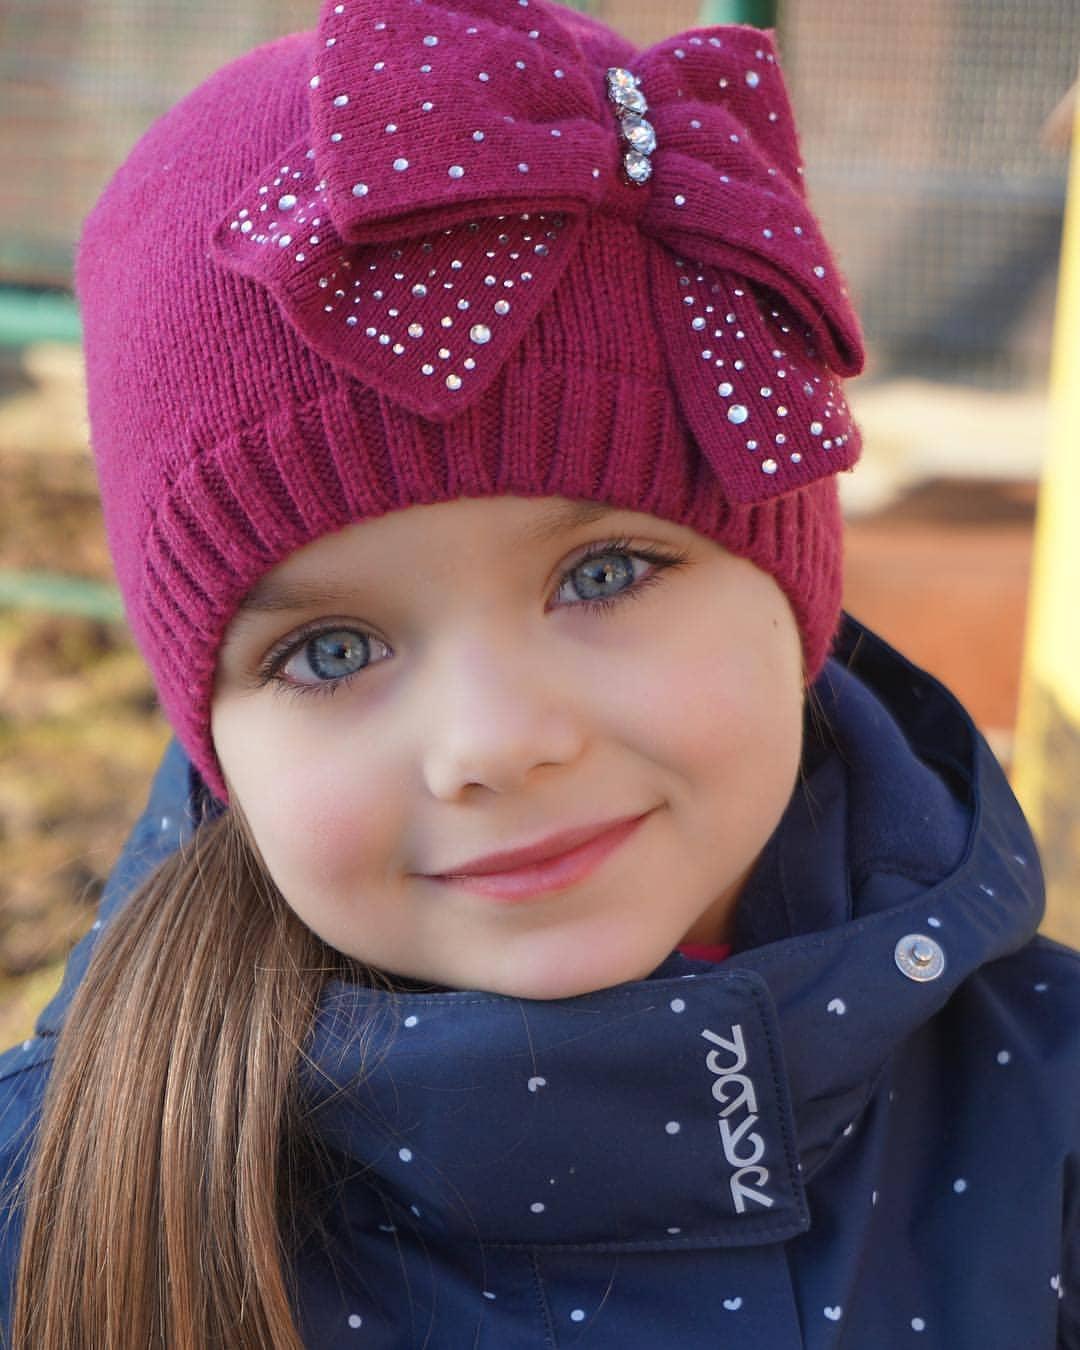 بالصور عيون زرقاء , صور لاجمل العيون الملونة 3586 10